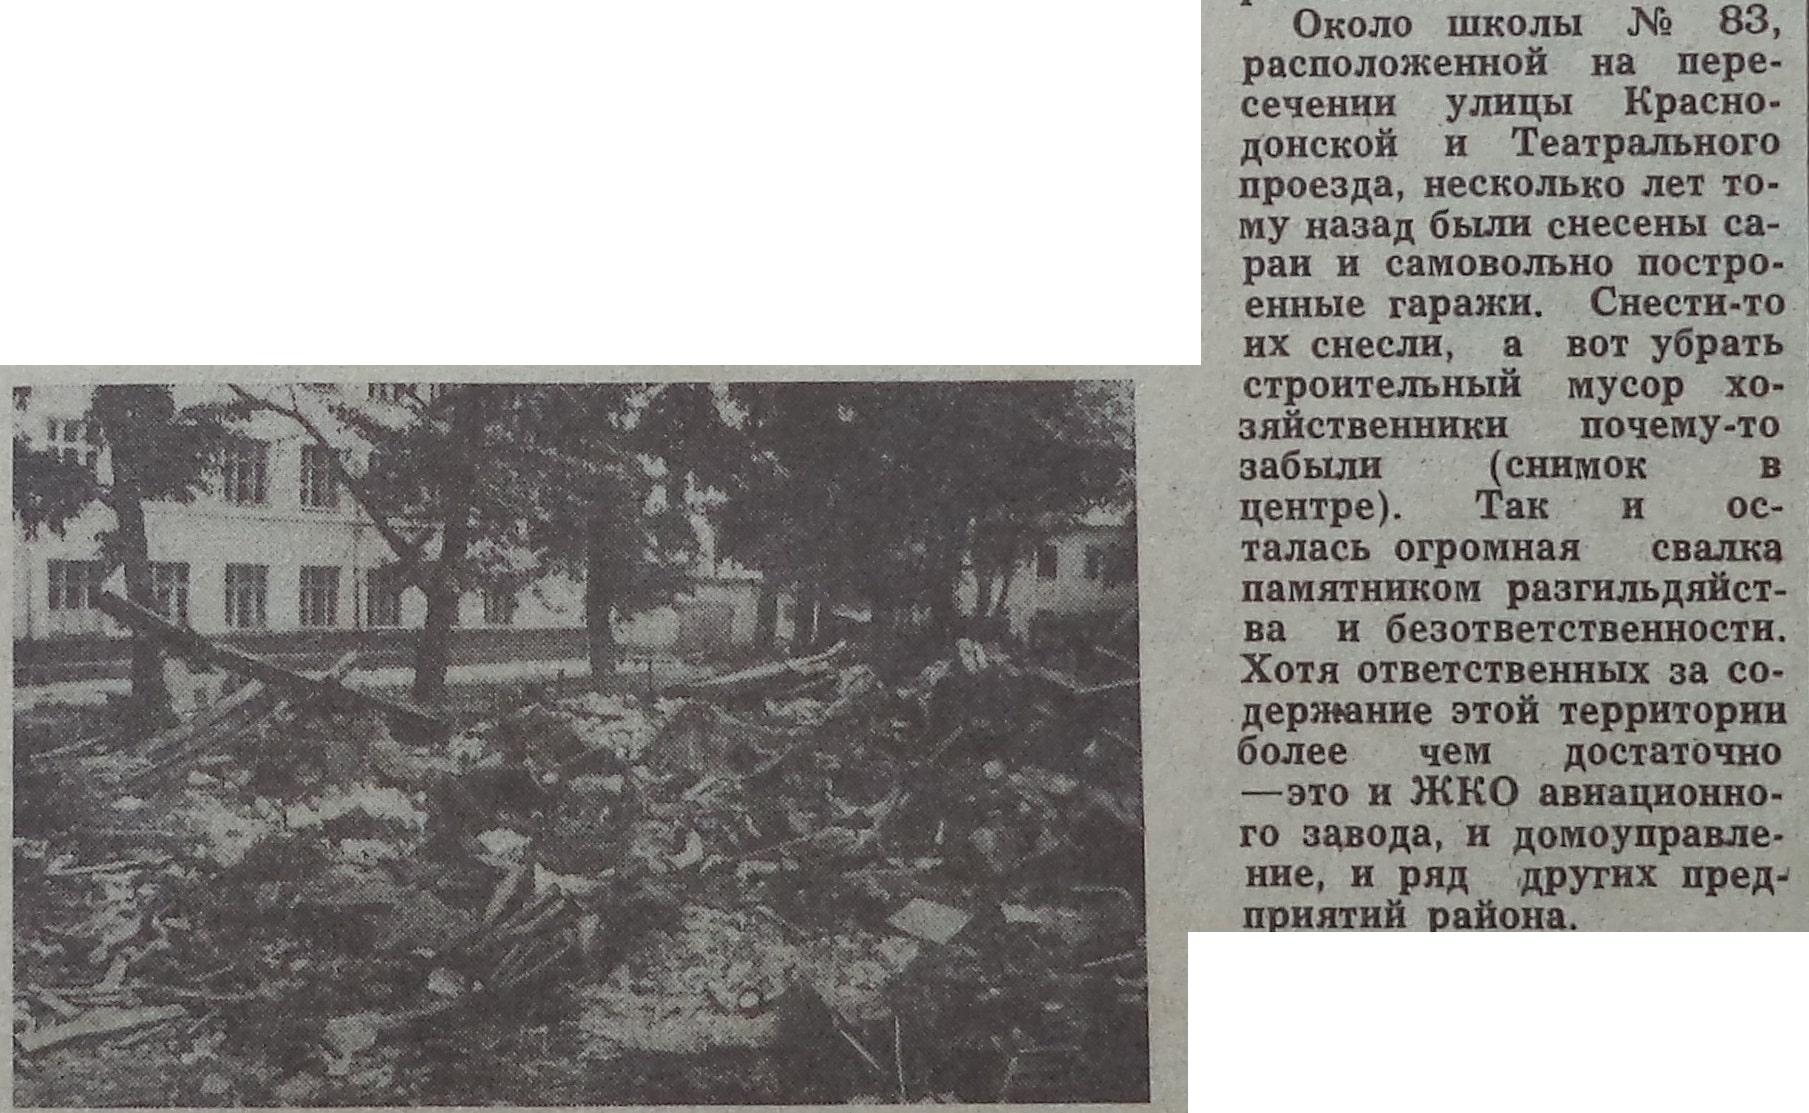 Театральный-ФОТО-13-ВЗя-1988-06-17-неблаг-во в Пром. р